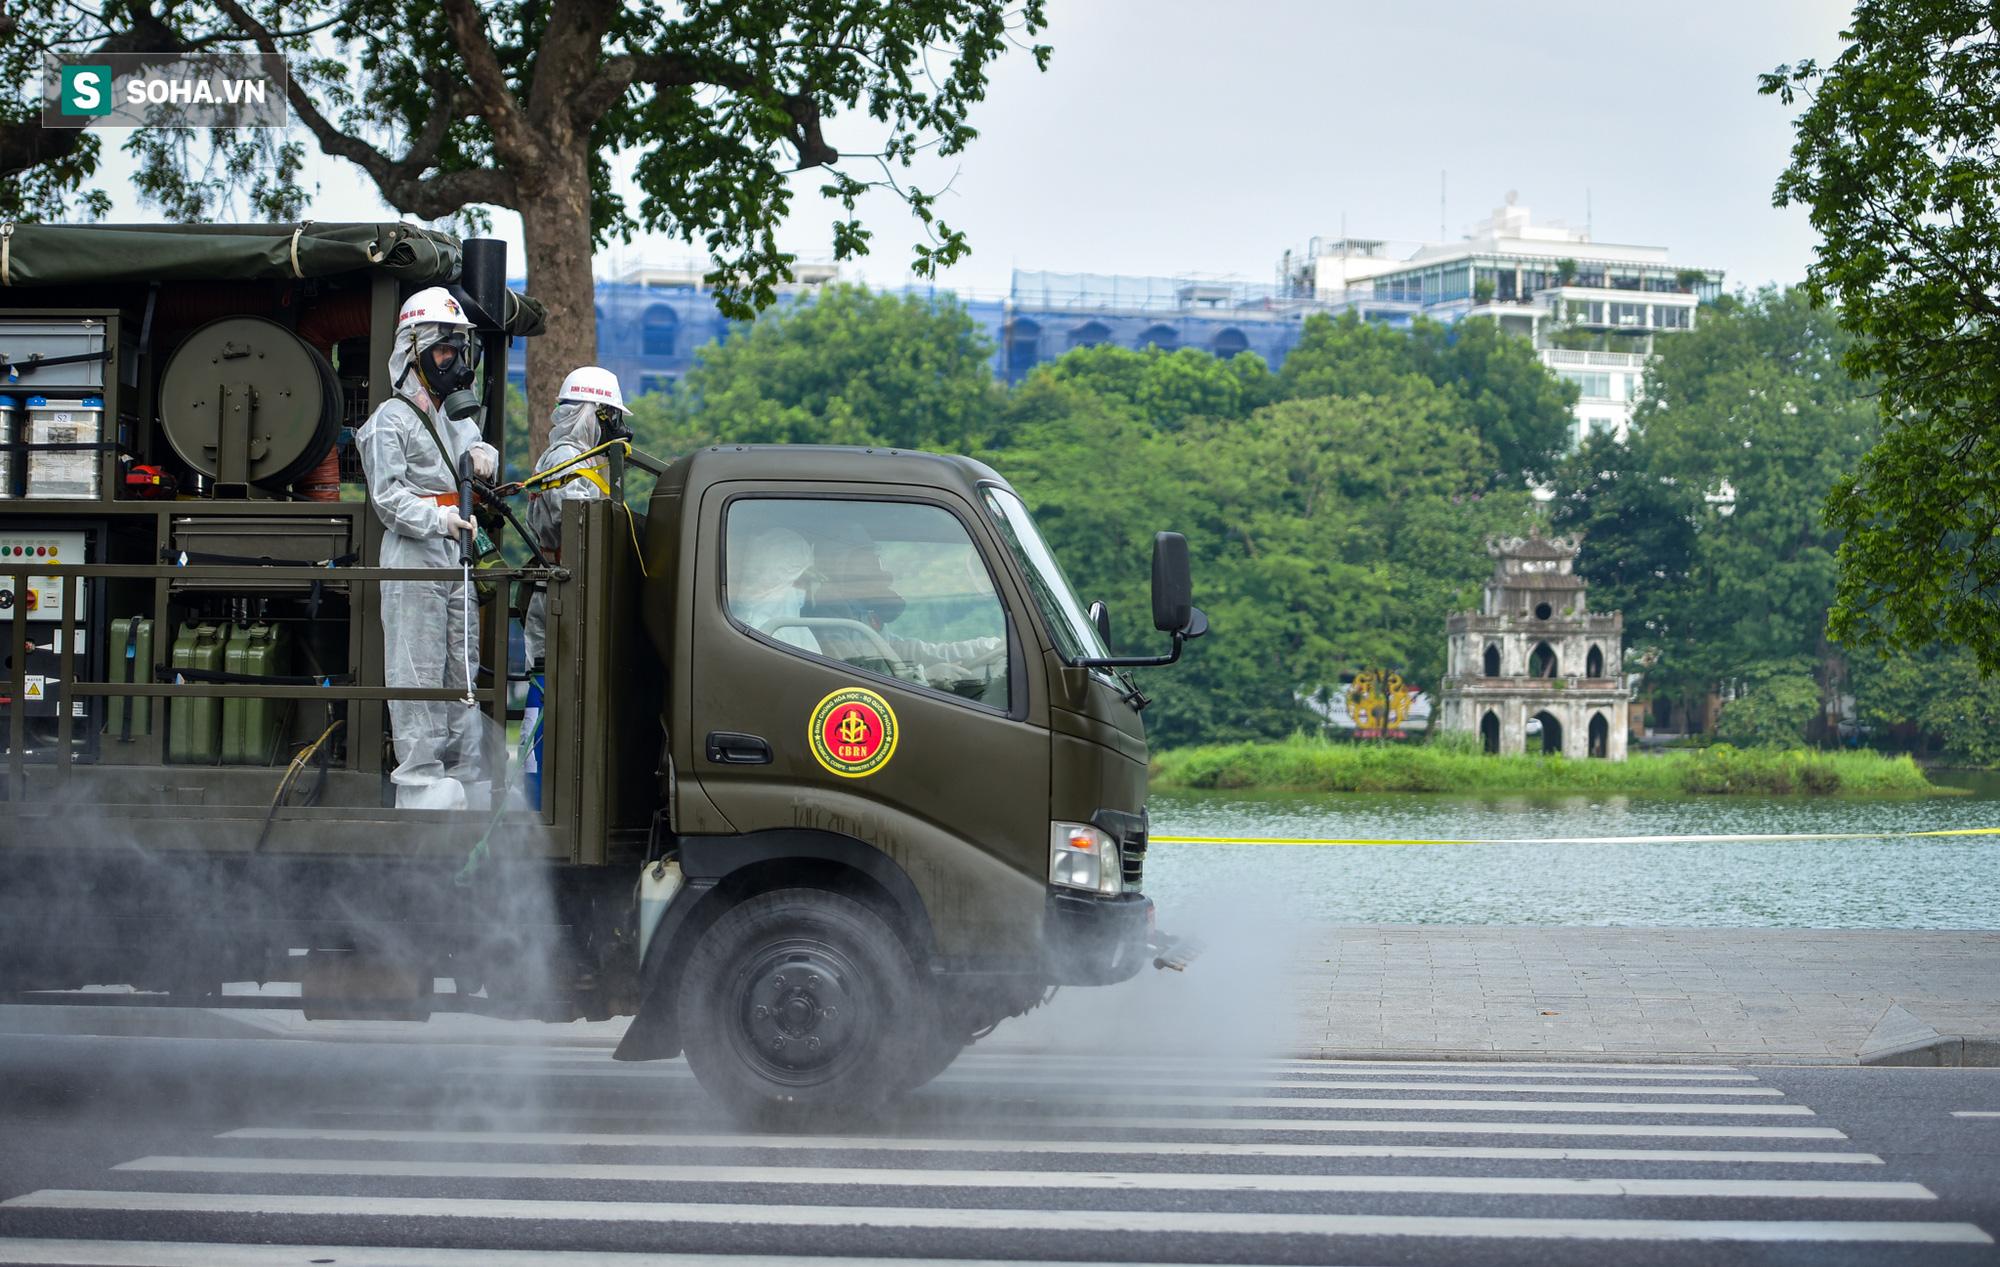 Cận cảnh 15 xe đặc chủng cùng 180 chiến sĩ phun khử khuẩn toàn bộ quận Hoàn Kiếm - Ảnh 7.